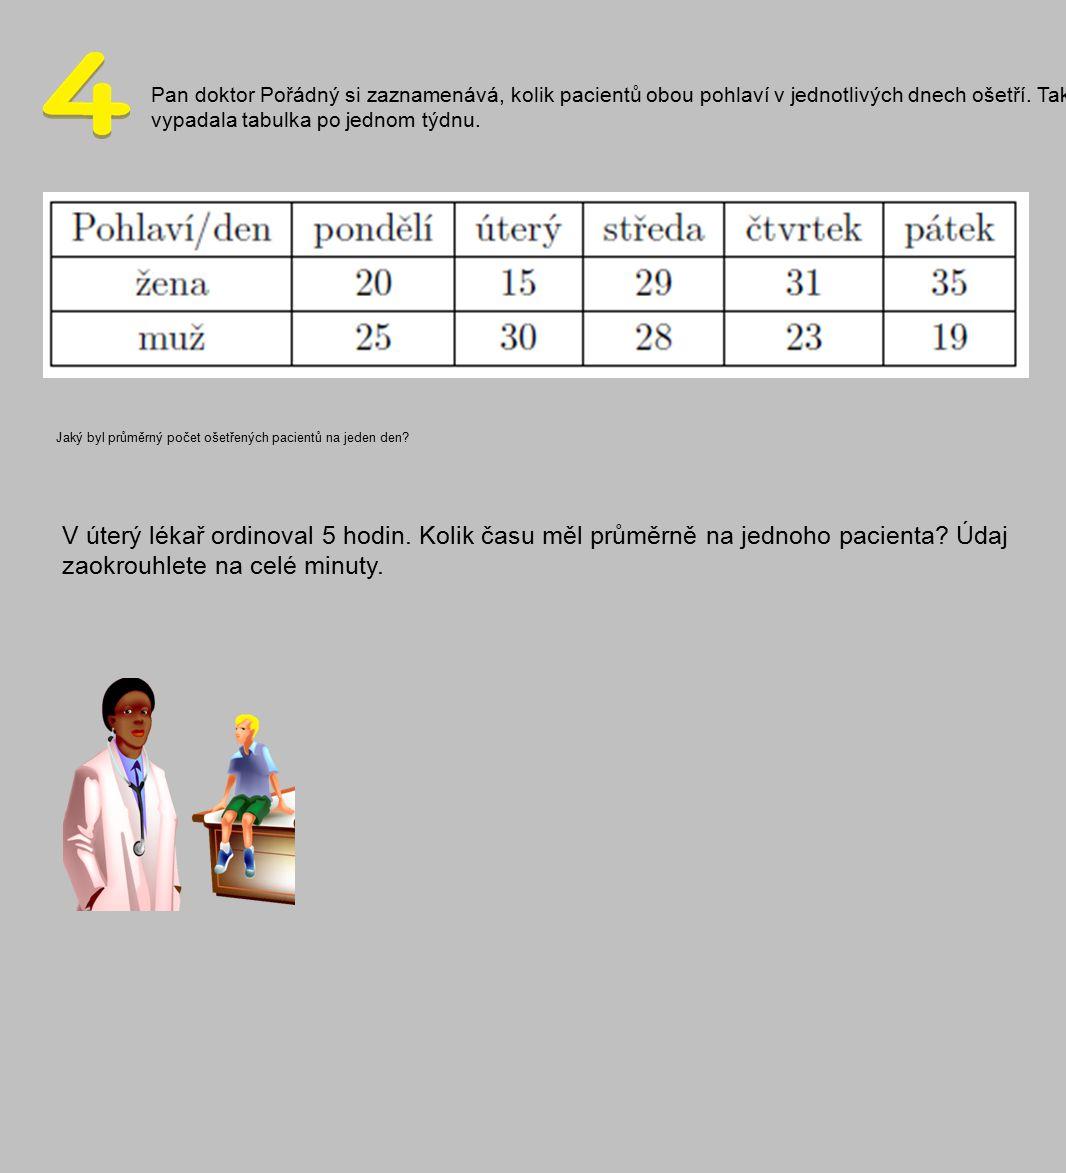 Pan doktor Pořádný si zaznamenává, kolik pacientů obou pohlaví v jednotlivých dnech ošetří. Takto vypadala tabulka po jednom týdnu. Jaký byl průměrný